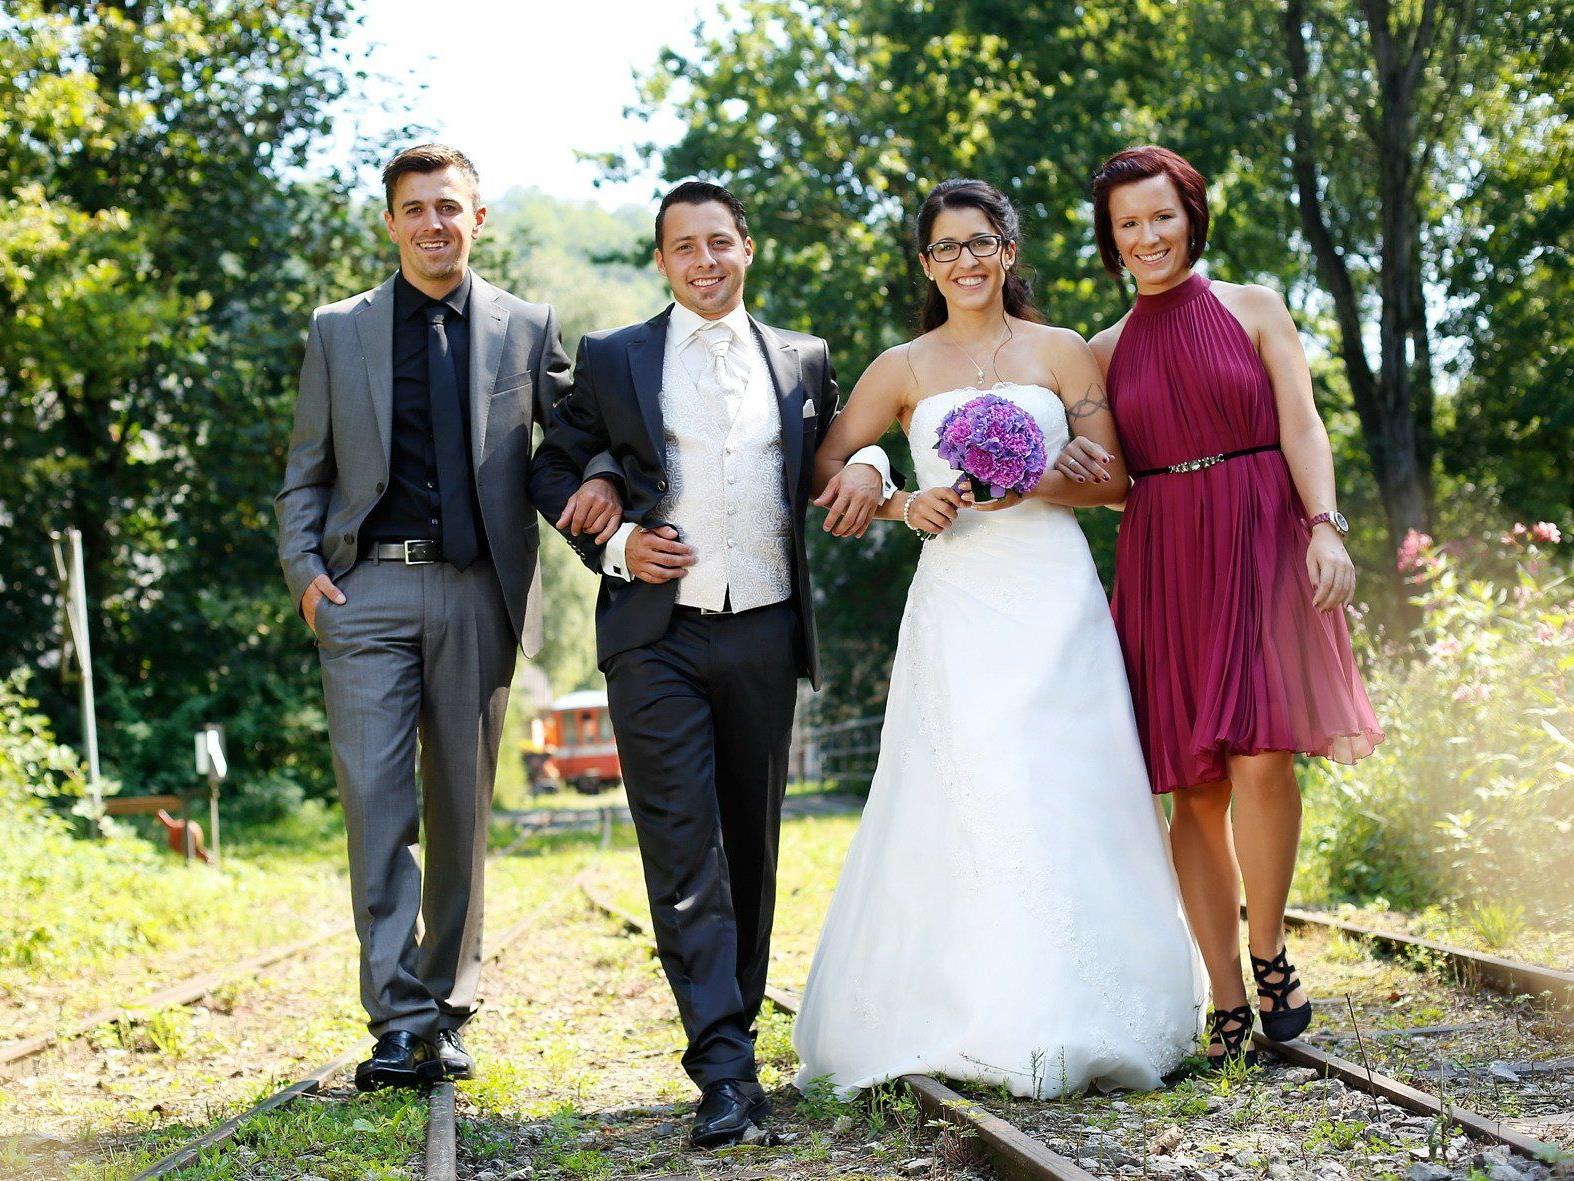 Denise Domig und Patrick Egle haben geheiratet.